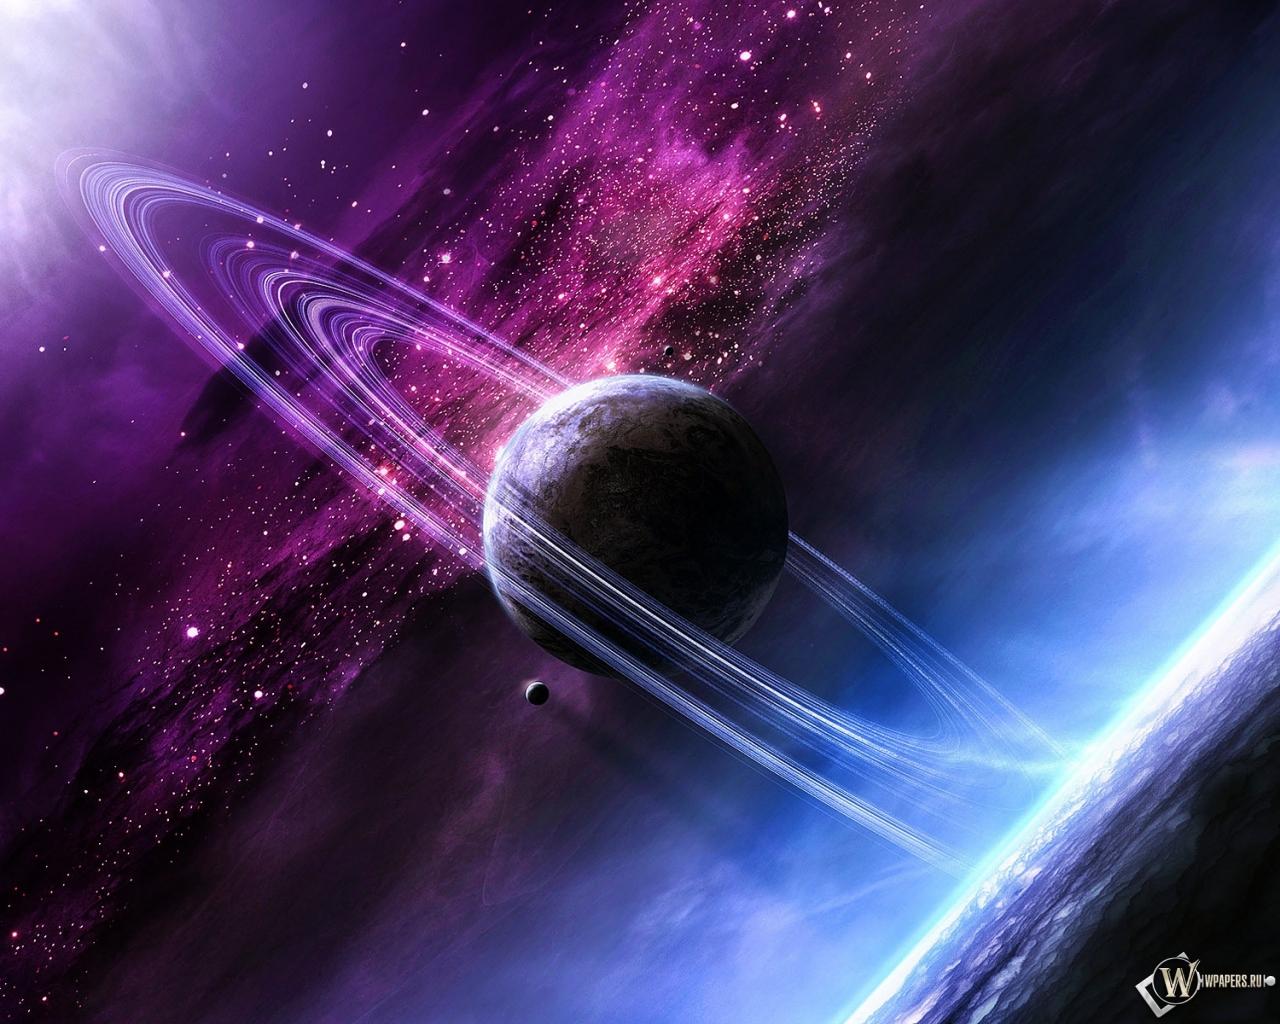 Вселенная 1280x1024